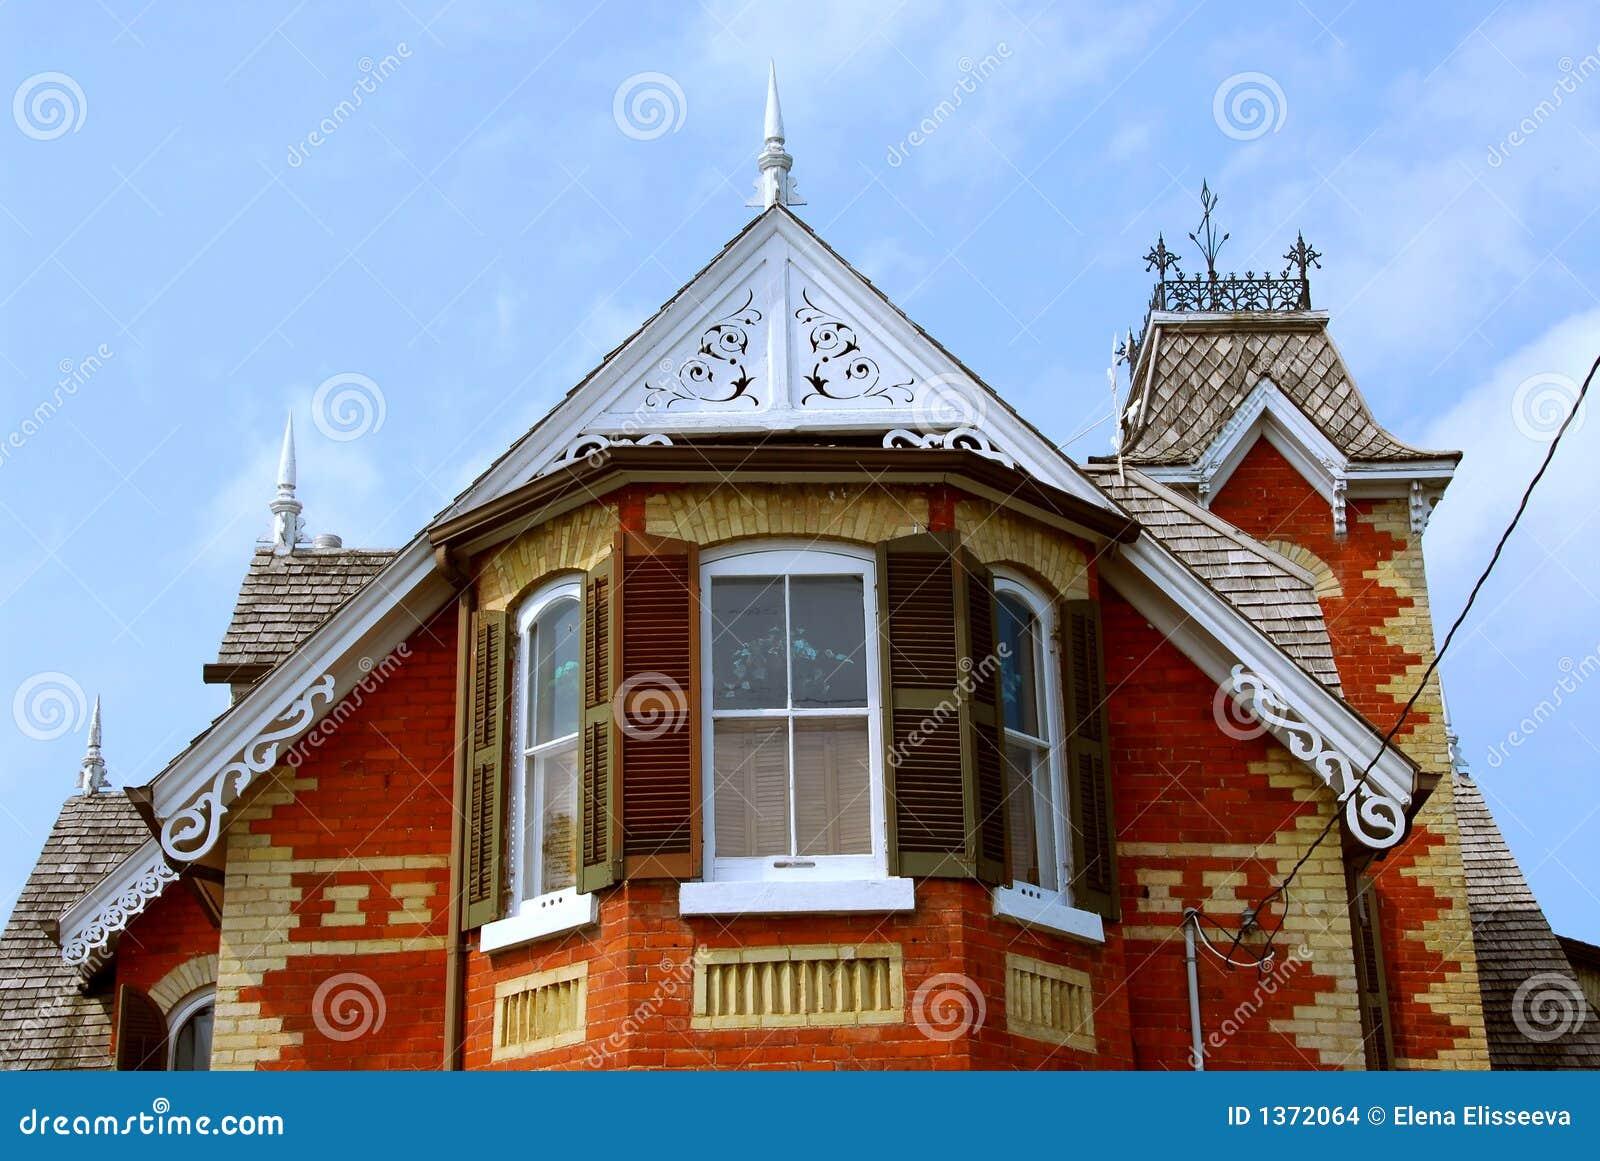 Maison victorienne photo stock image du rouge fleuri 1372064 - Maison victorienne ...